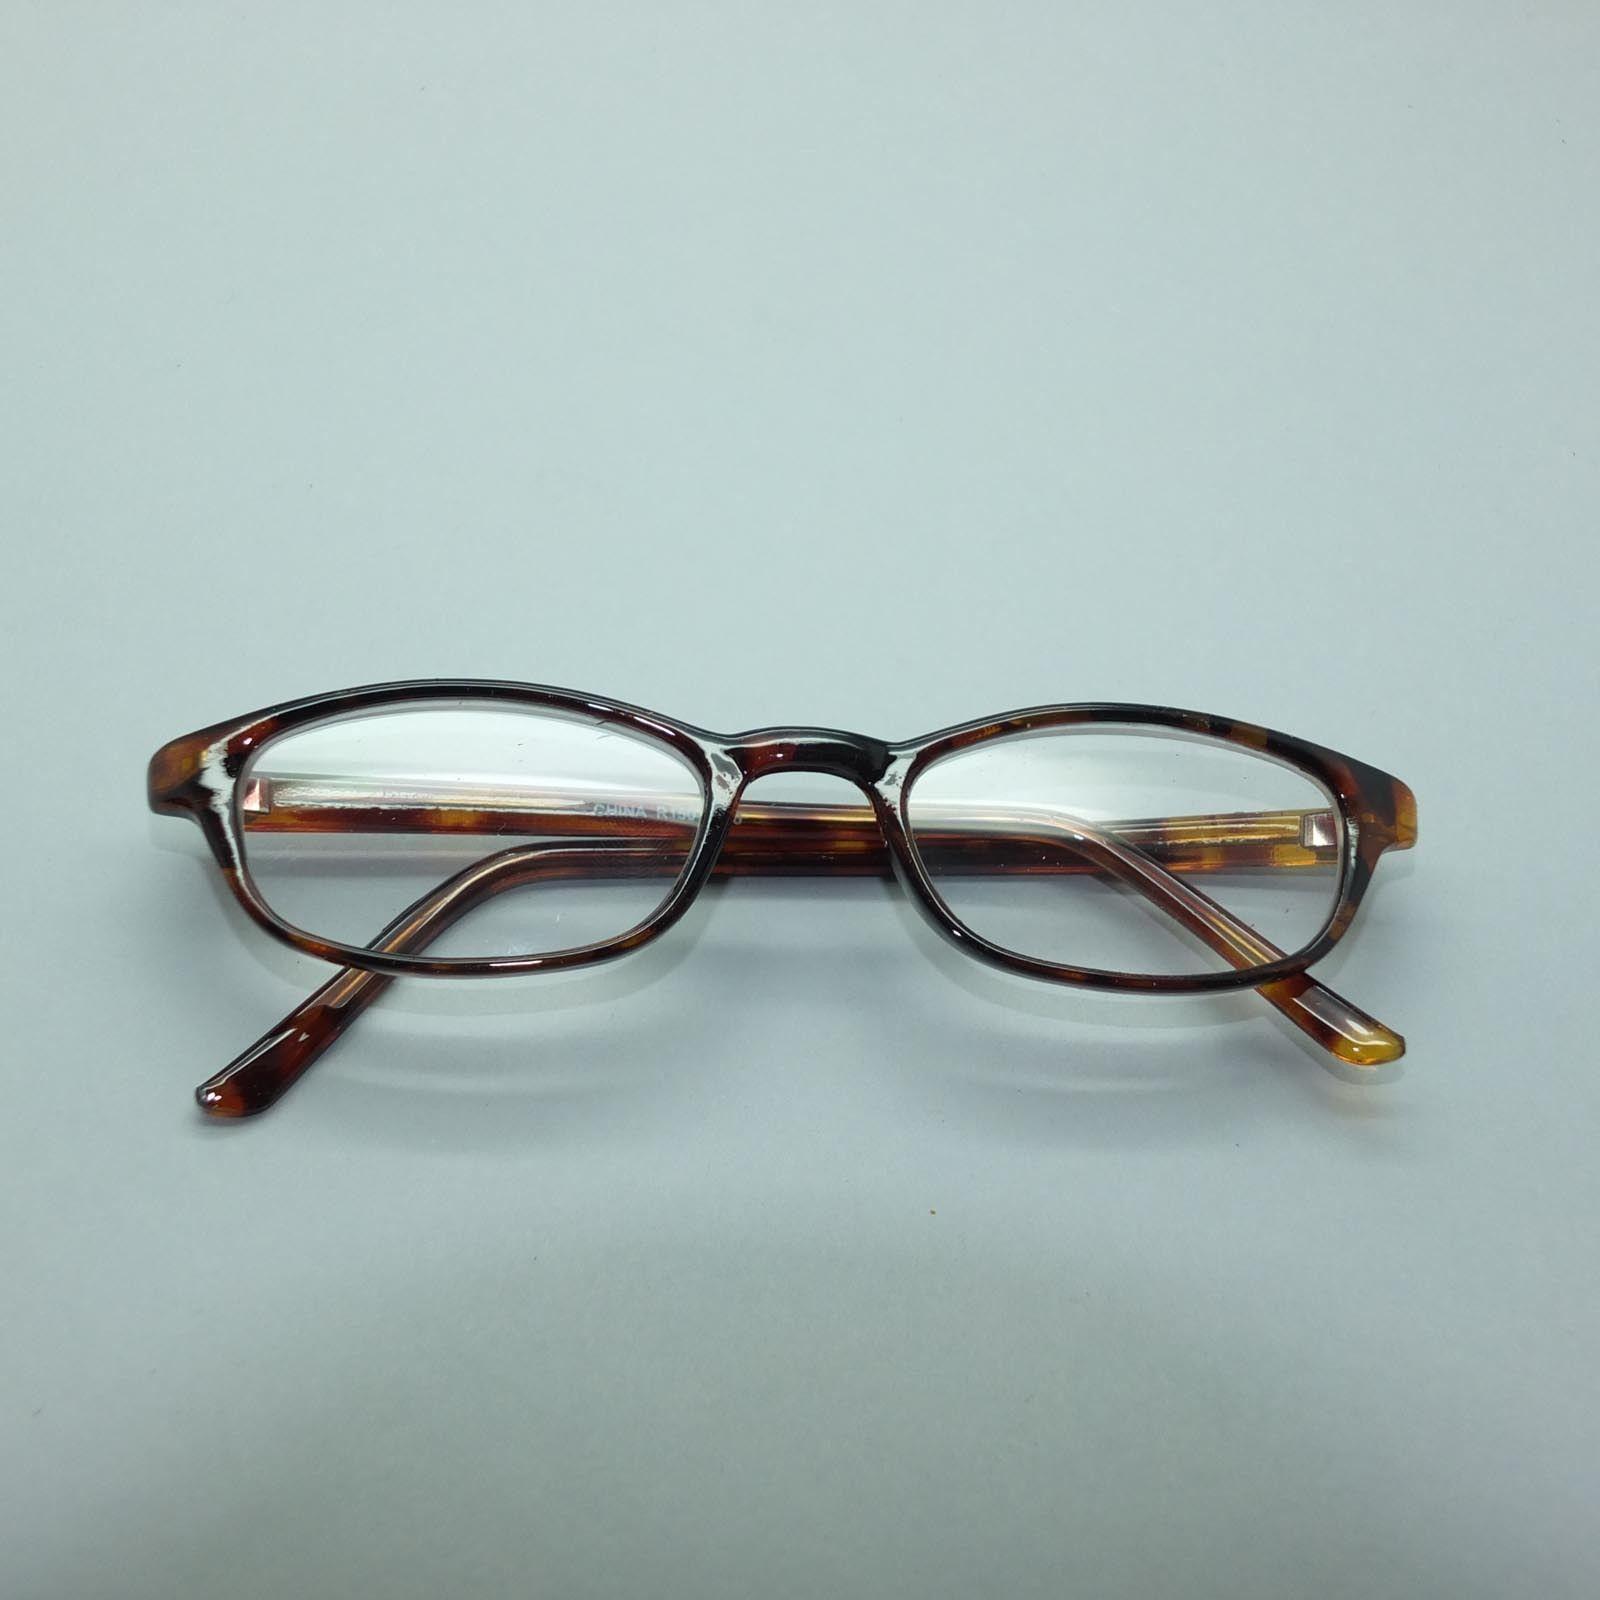 classic semi cat eye tortoise frame reading glasses 2 50